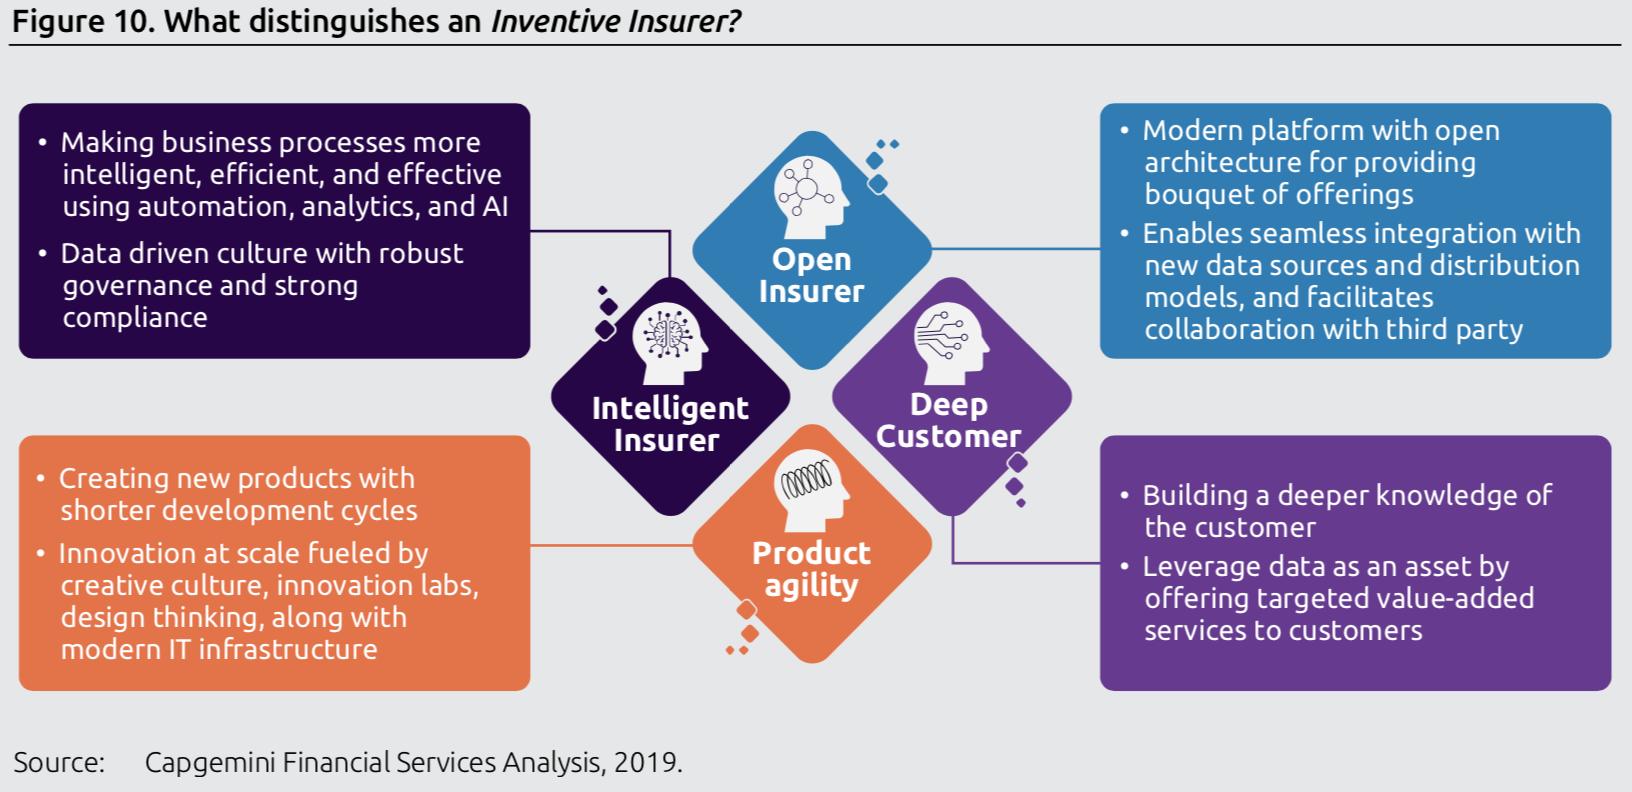 使得创新型保险公司脱颖而出的四种能力